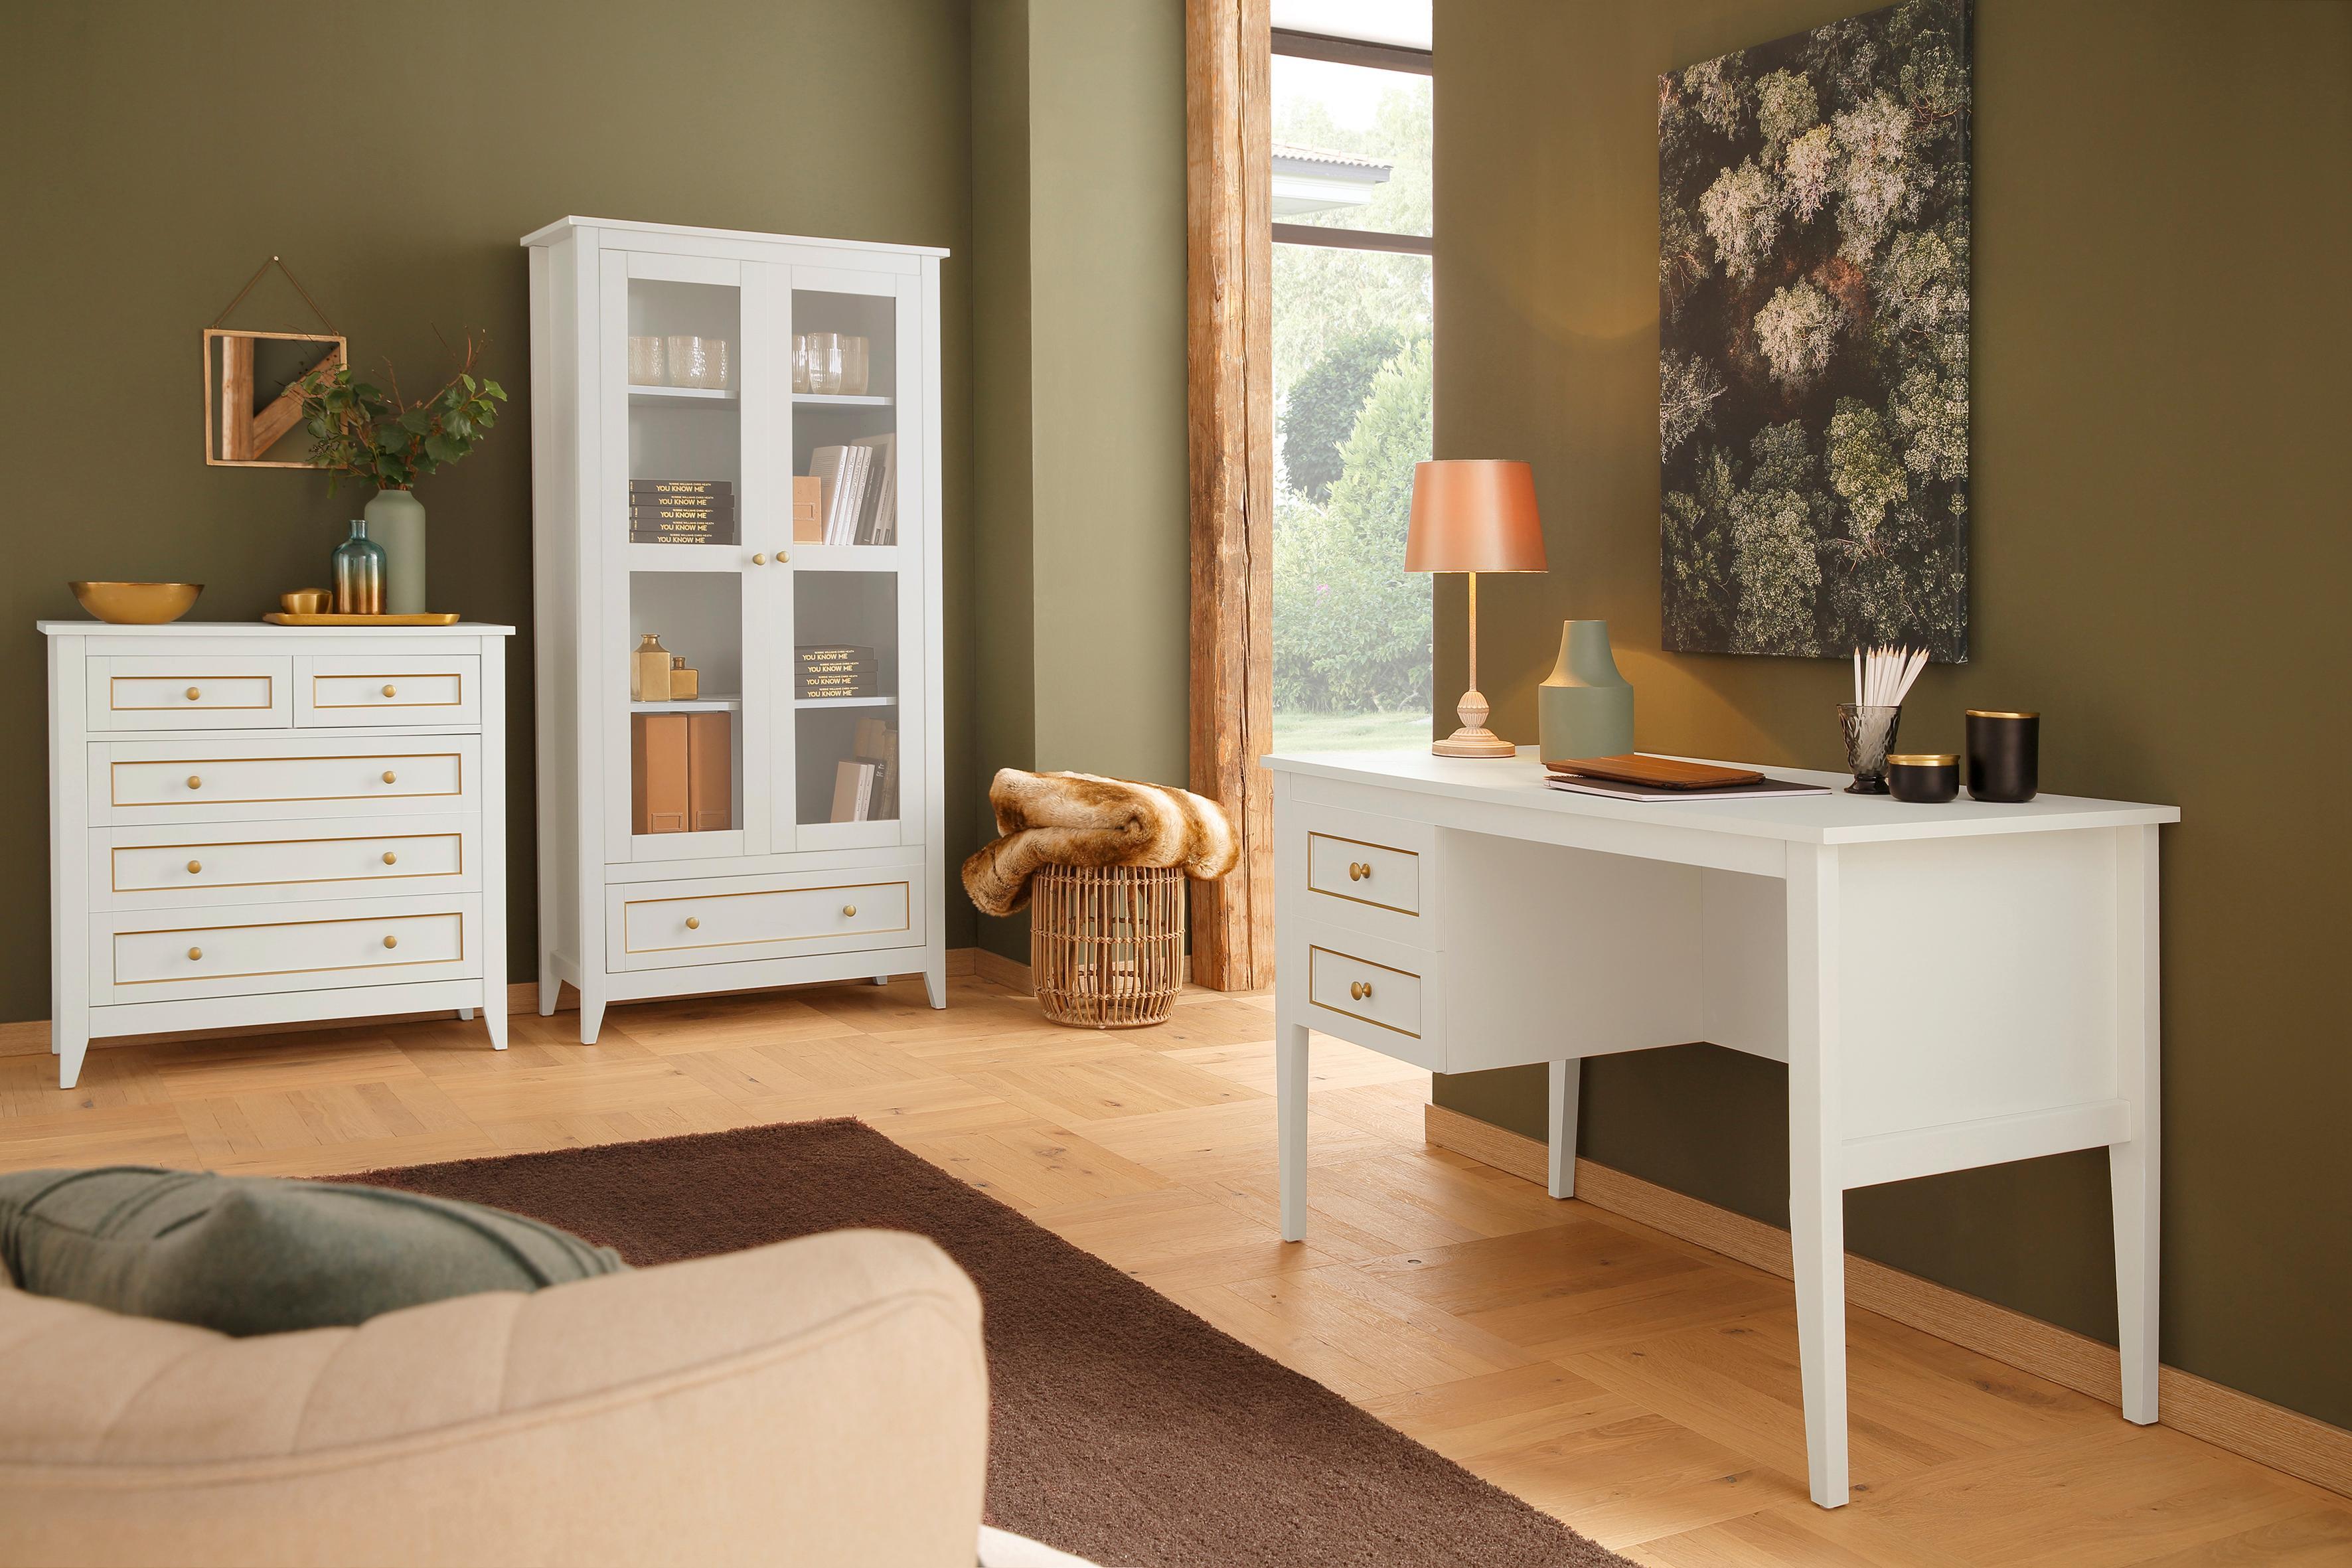 Home affaire Schreibtisch »Victoria«, 2 Schubladen mit goldener Umrandung und Messinggriffen, Breite 119 cm 119